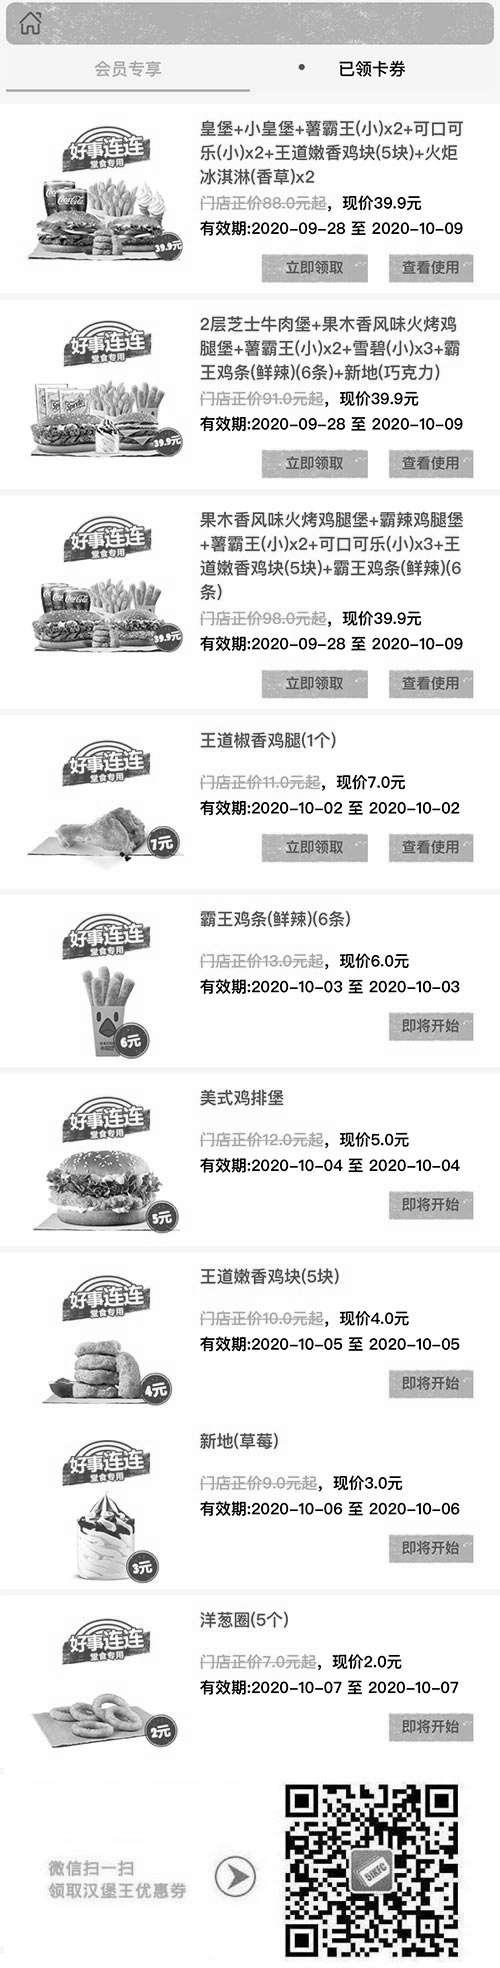 黑白优惠券图片:汉堡王电子优惠券2020年10月领取,好事连连套餐优惠价39.9元 - www.5ikfc.com